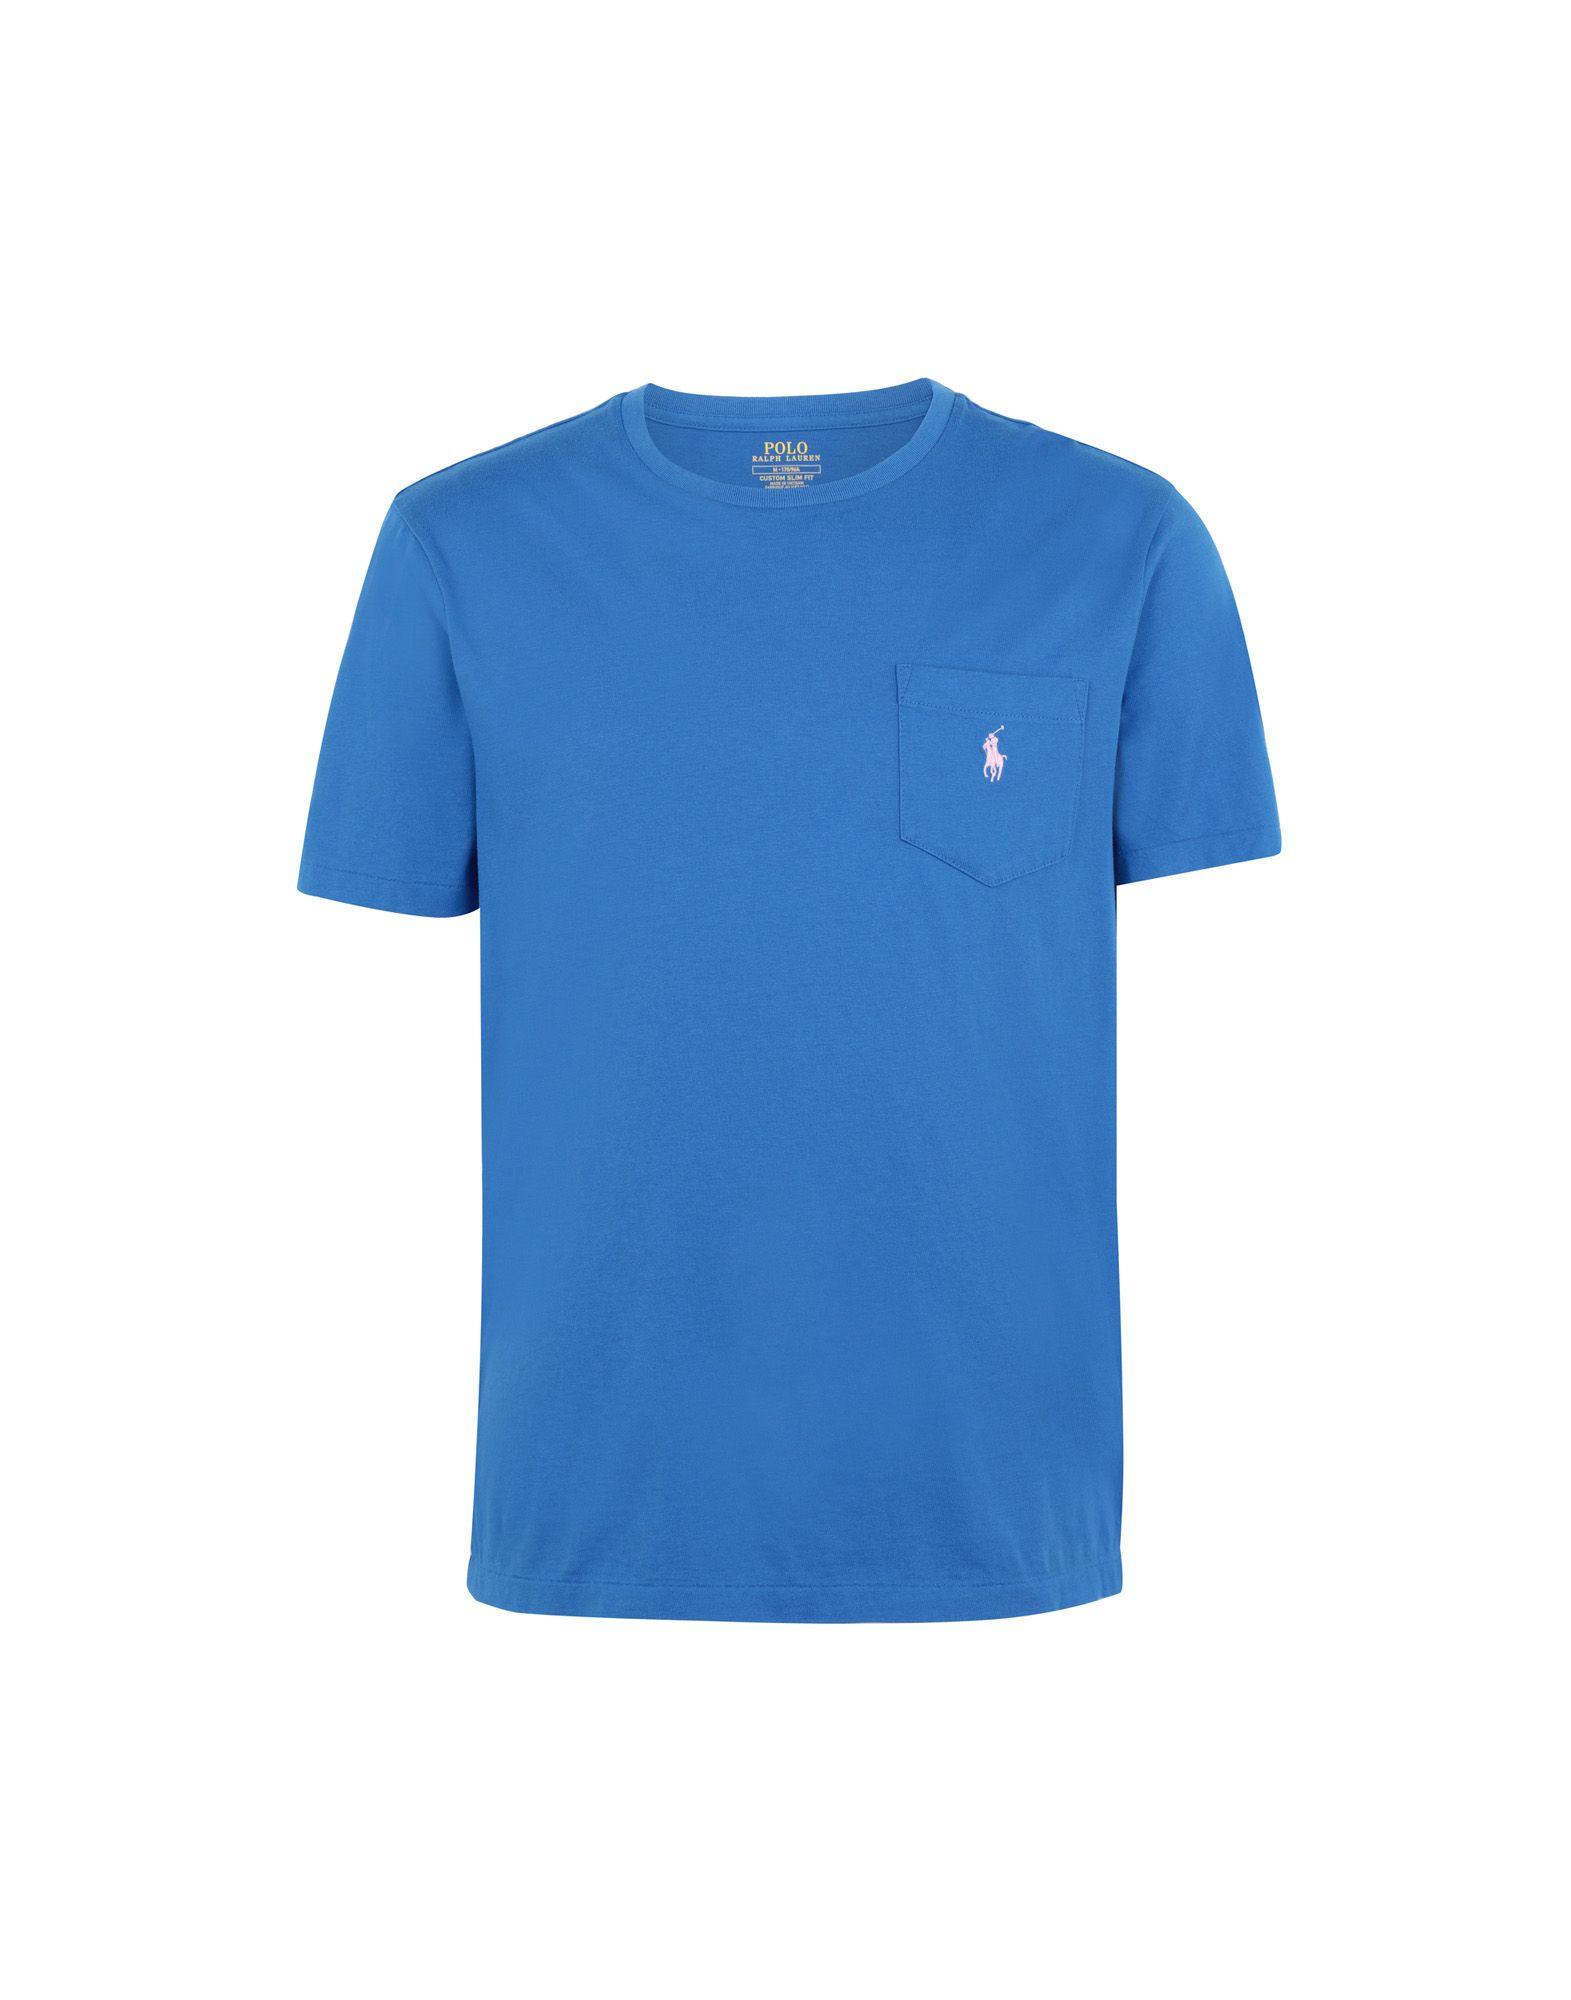 《送料無料》POLO RALPH LAUREN メンズ T シャツ アジュールブルー S コットン 100% Custom Slim Fit Pocket T-Shirt